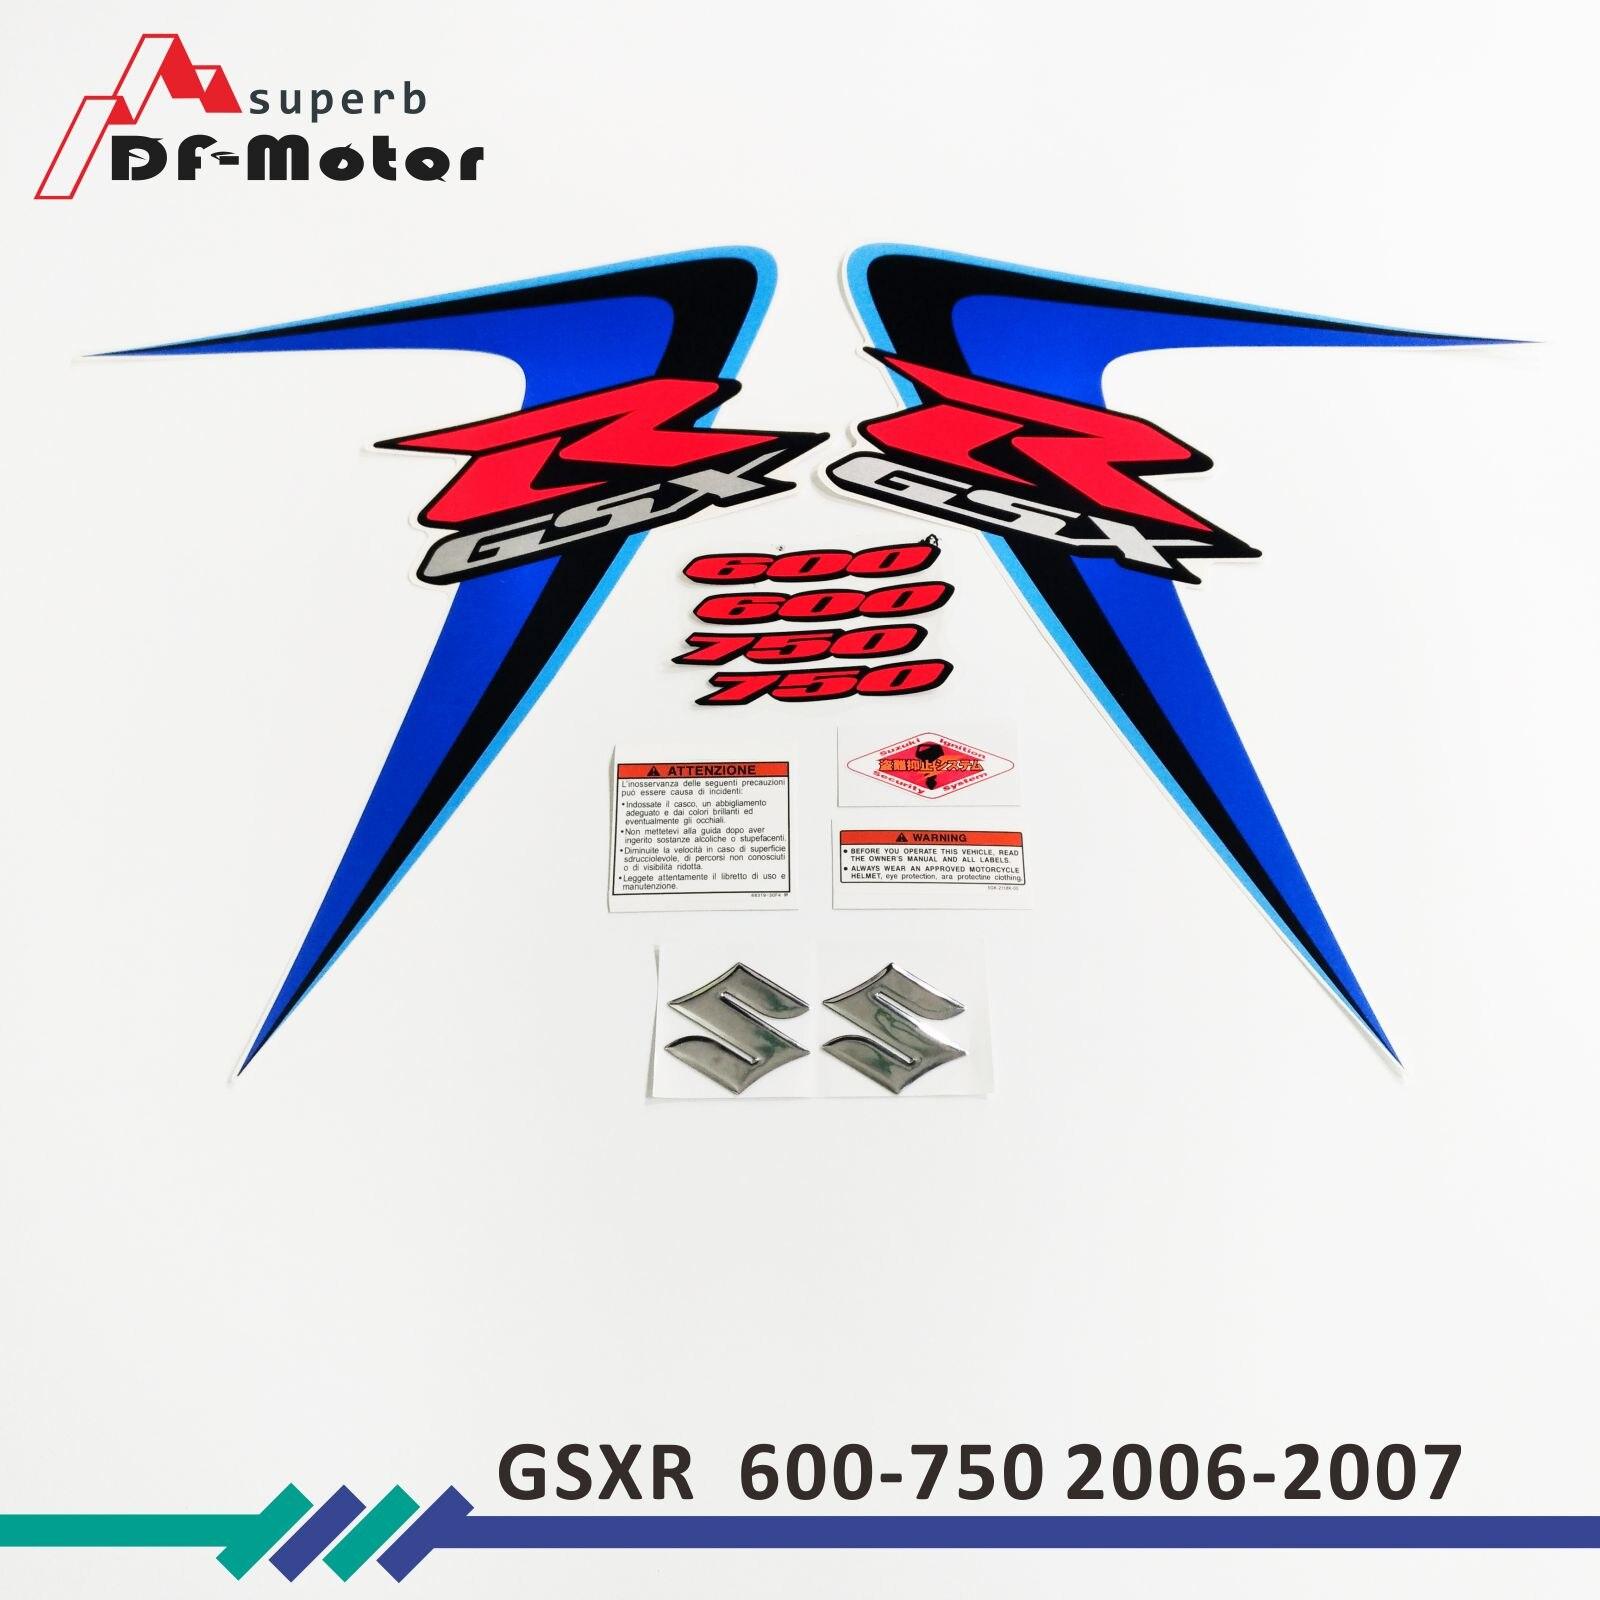 New for Suzuki GSXR GSX-R GSX R 600 K6 2006 MOTO High Quality Decals